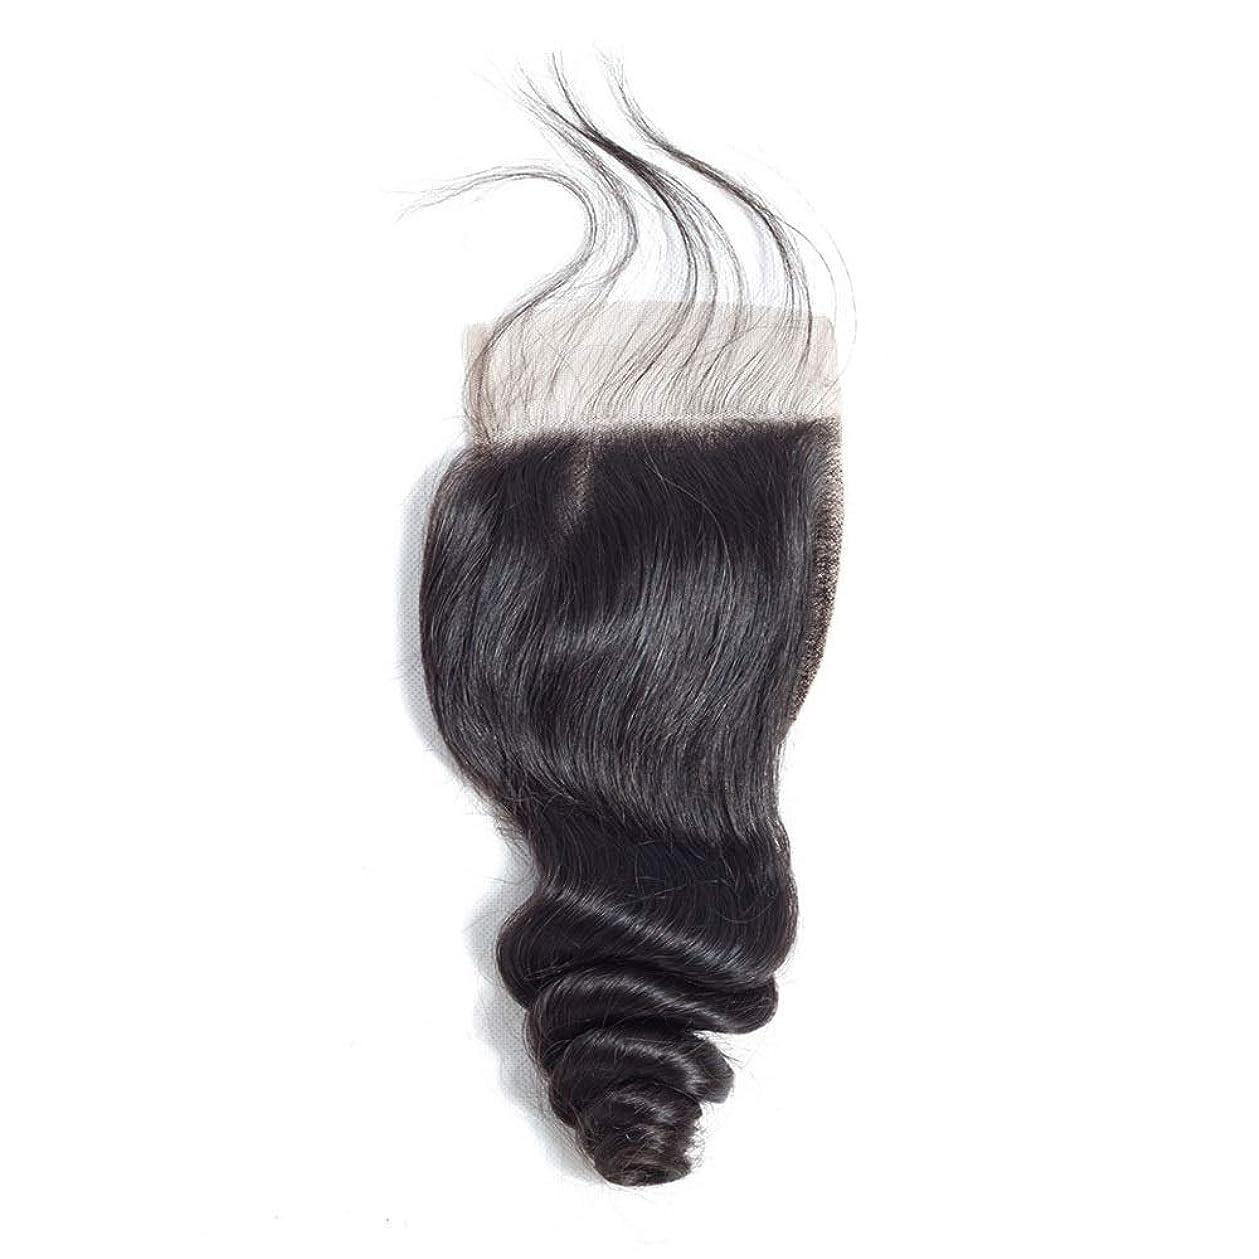 フィードオン連帯に渡ってかつら レースの閉鎖ブラジルの緩い波の髪4×4インチの自由な部分の閉鎖リアル人間の髪の毛の自然な色の長い巻き毛のかつら (色 : 黒, サイズ : 20 inch)